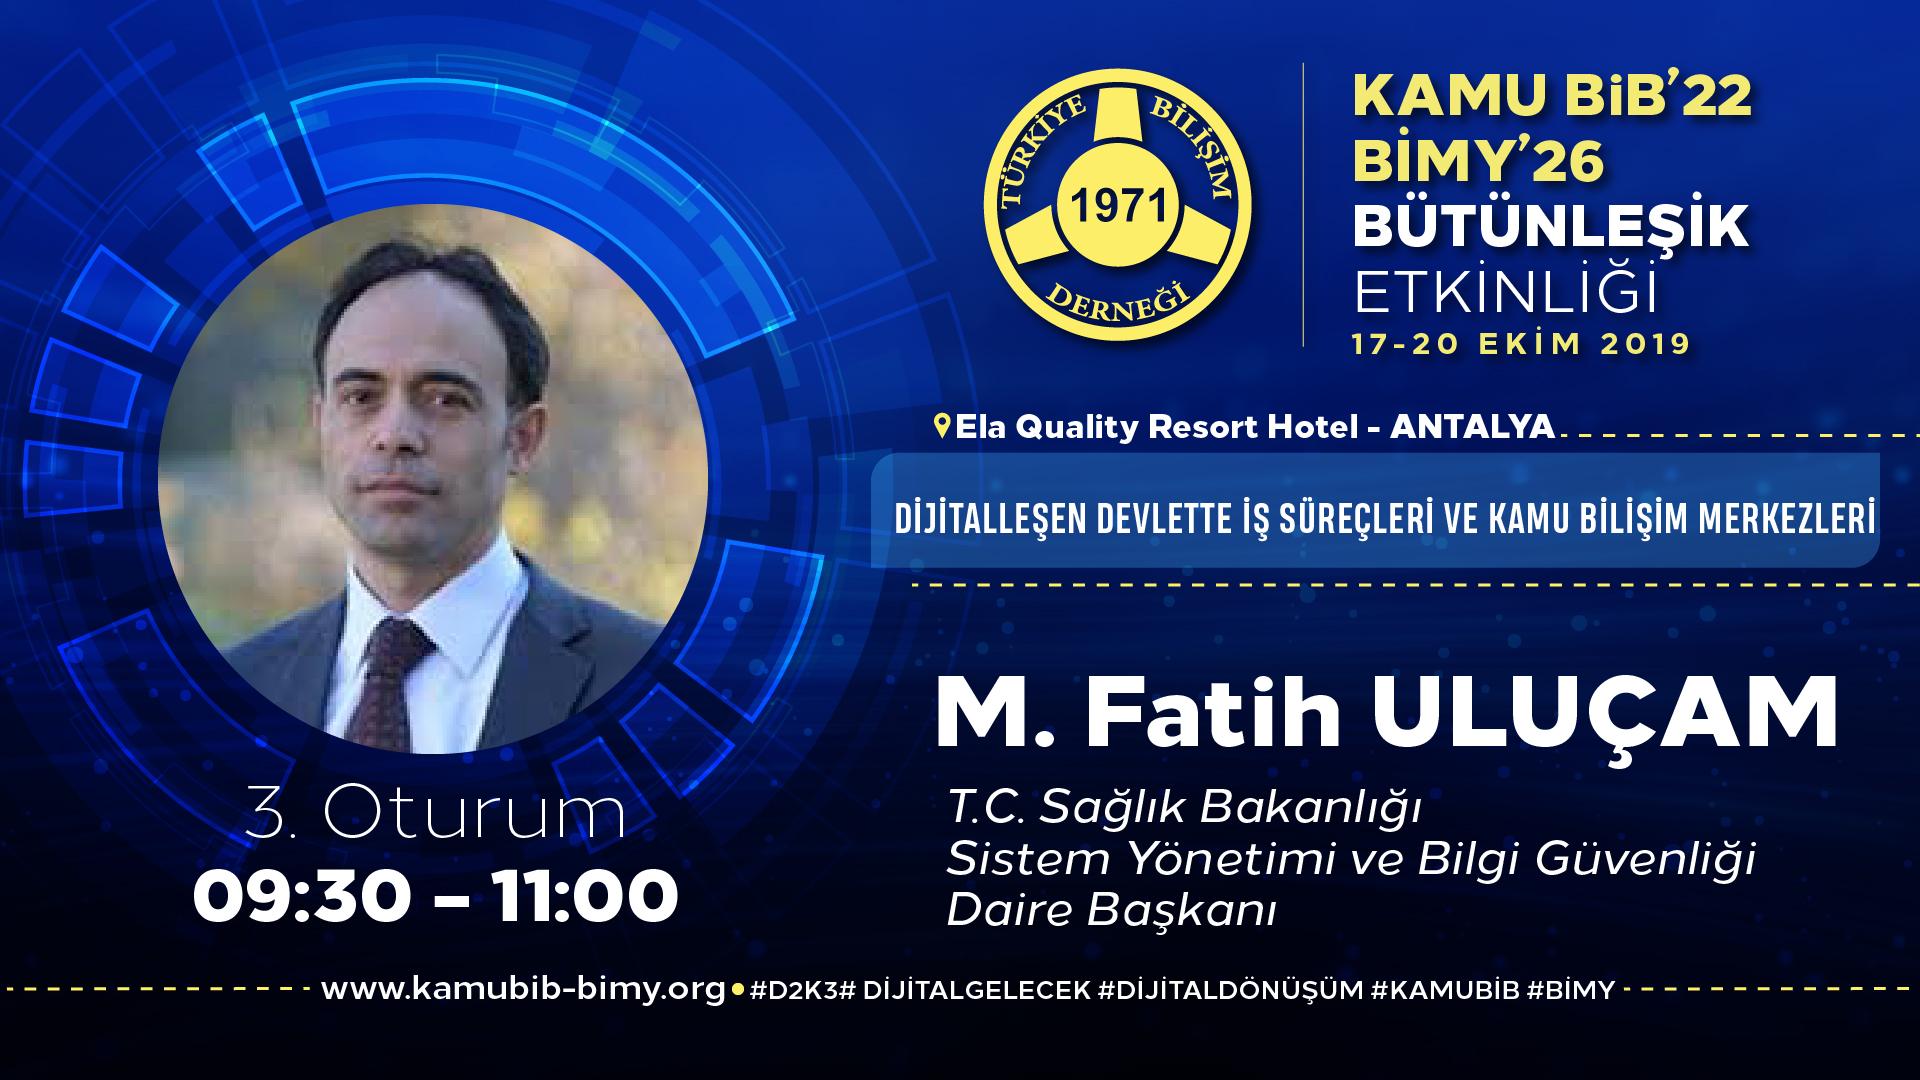 M. Fatih ULUÇAM - KamuBİB'22 BİMY'26